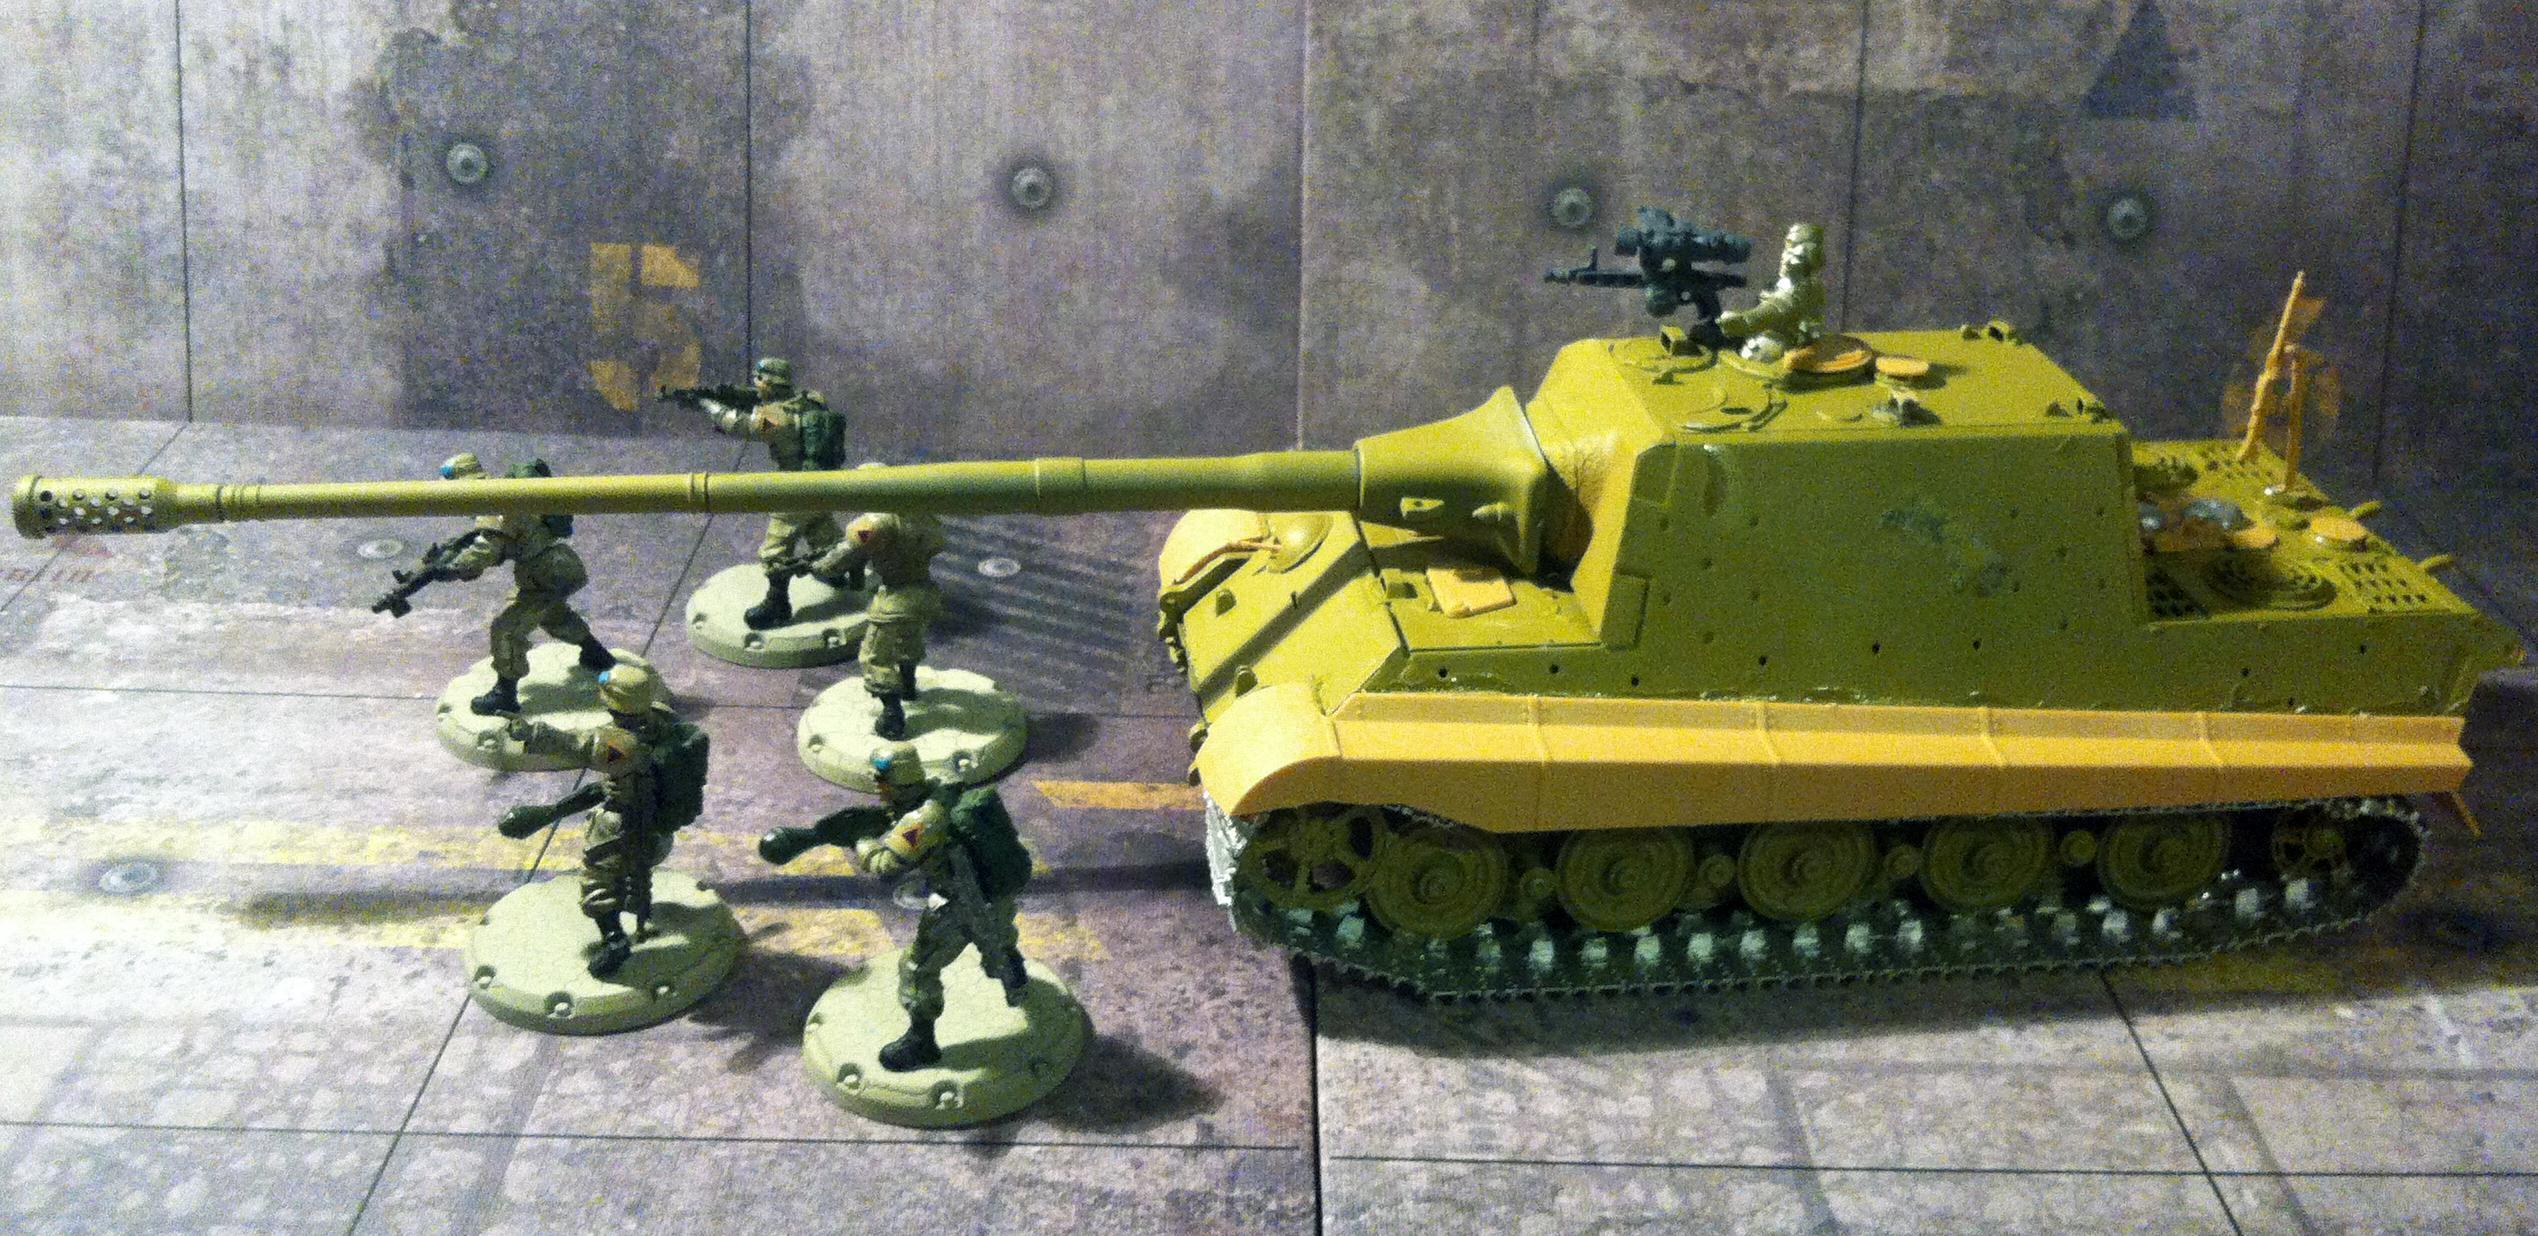 Axis, Bergeluther, Dust, Dust Tactics, Dust Warfare, Flakmeister, Jagdwotan, Mech, Nordwind, Tiger, Tiger Tank, Tiger Vk, Walker, World War 2